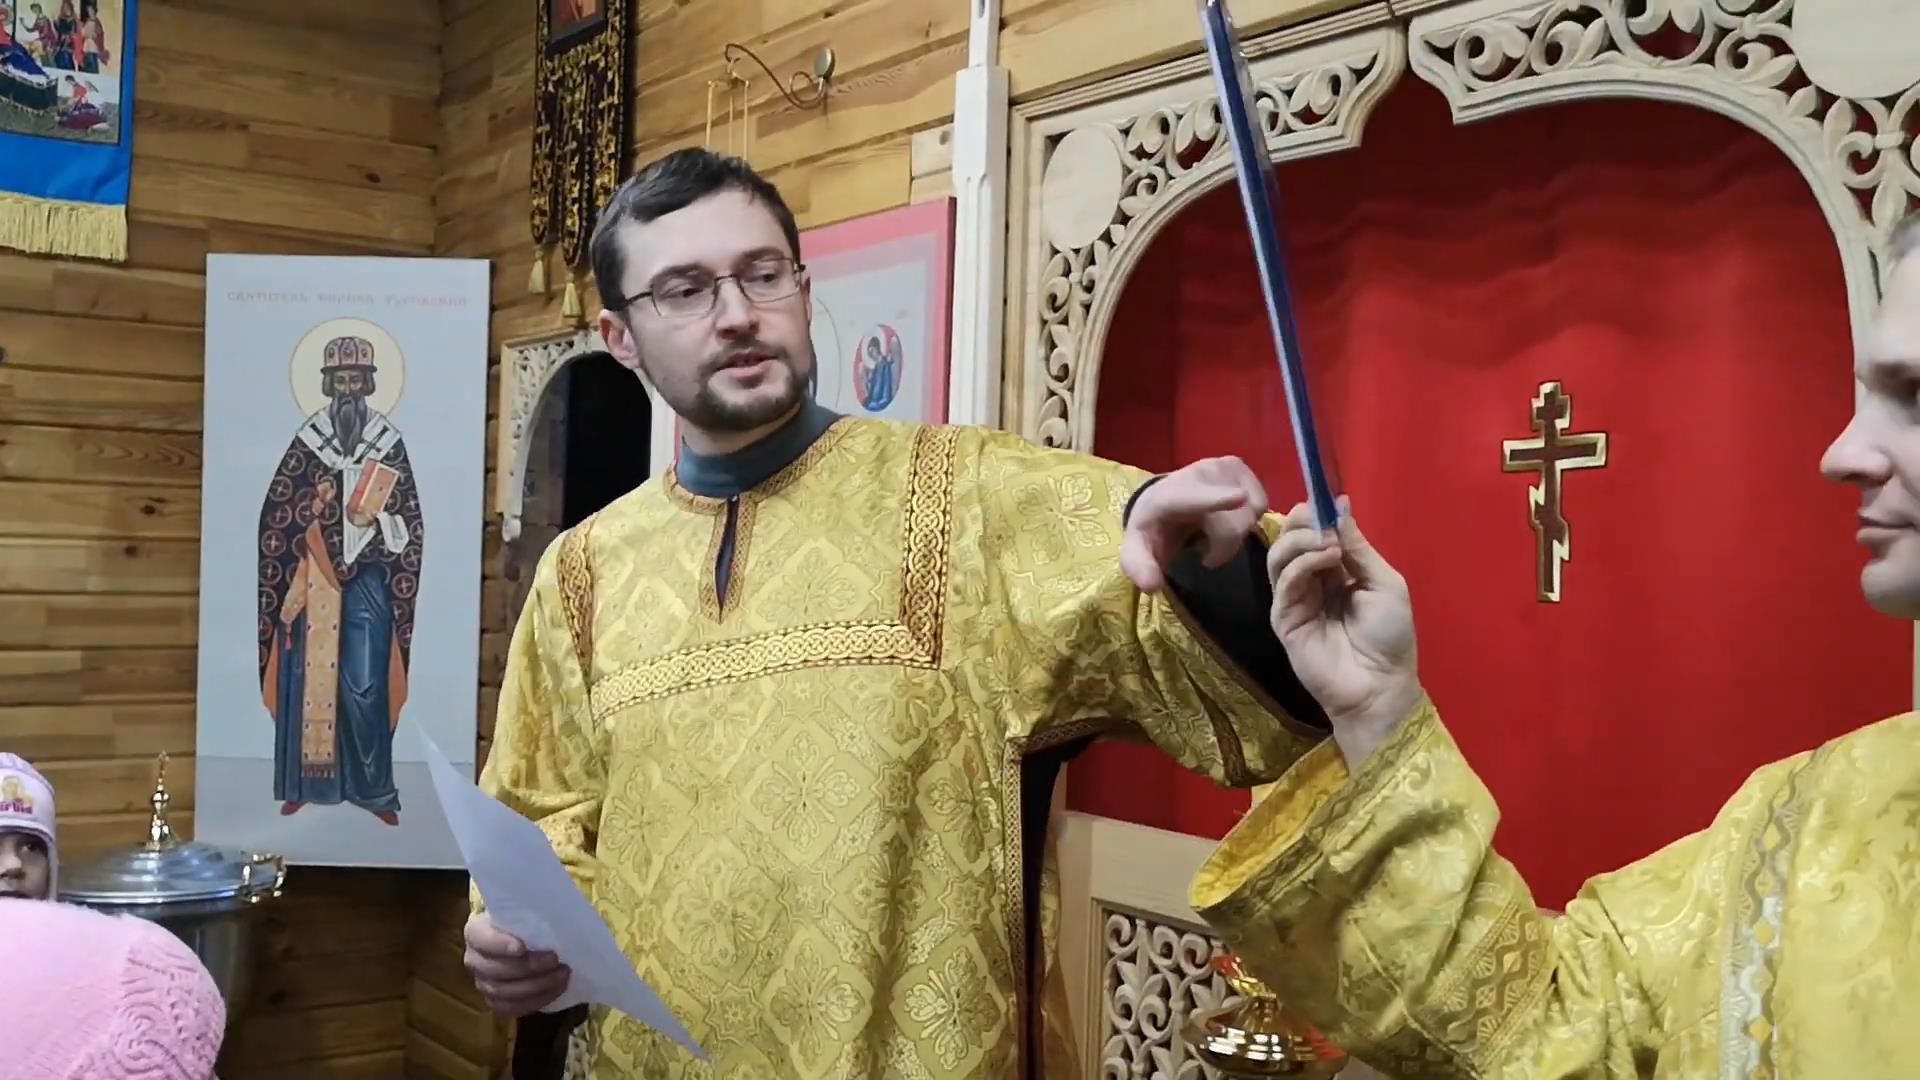 Как готовиться к Великому Посту? Видео детской проповеди с пономарем Алексеем Мосесовым